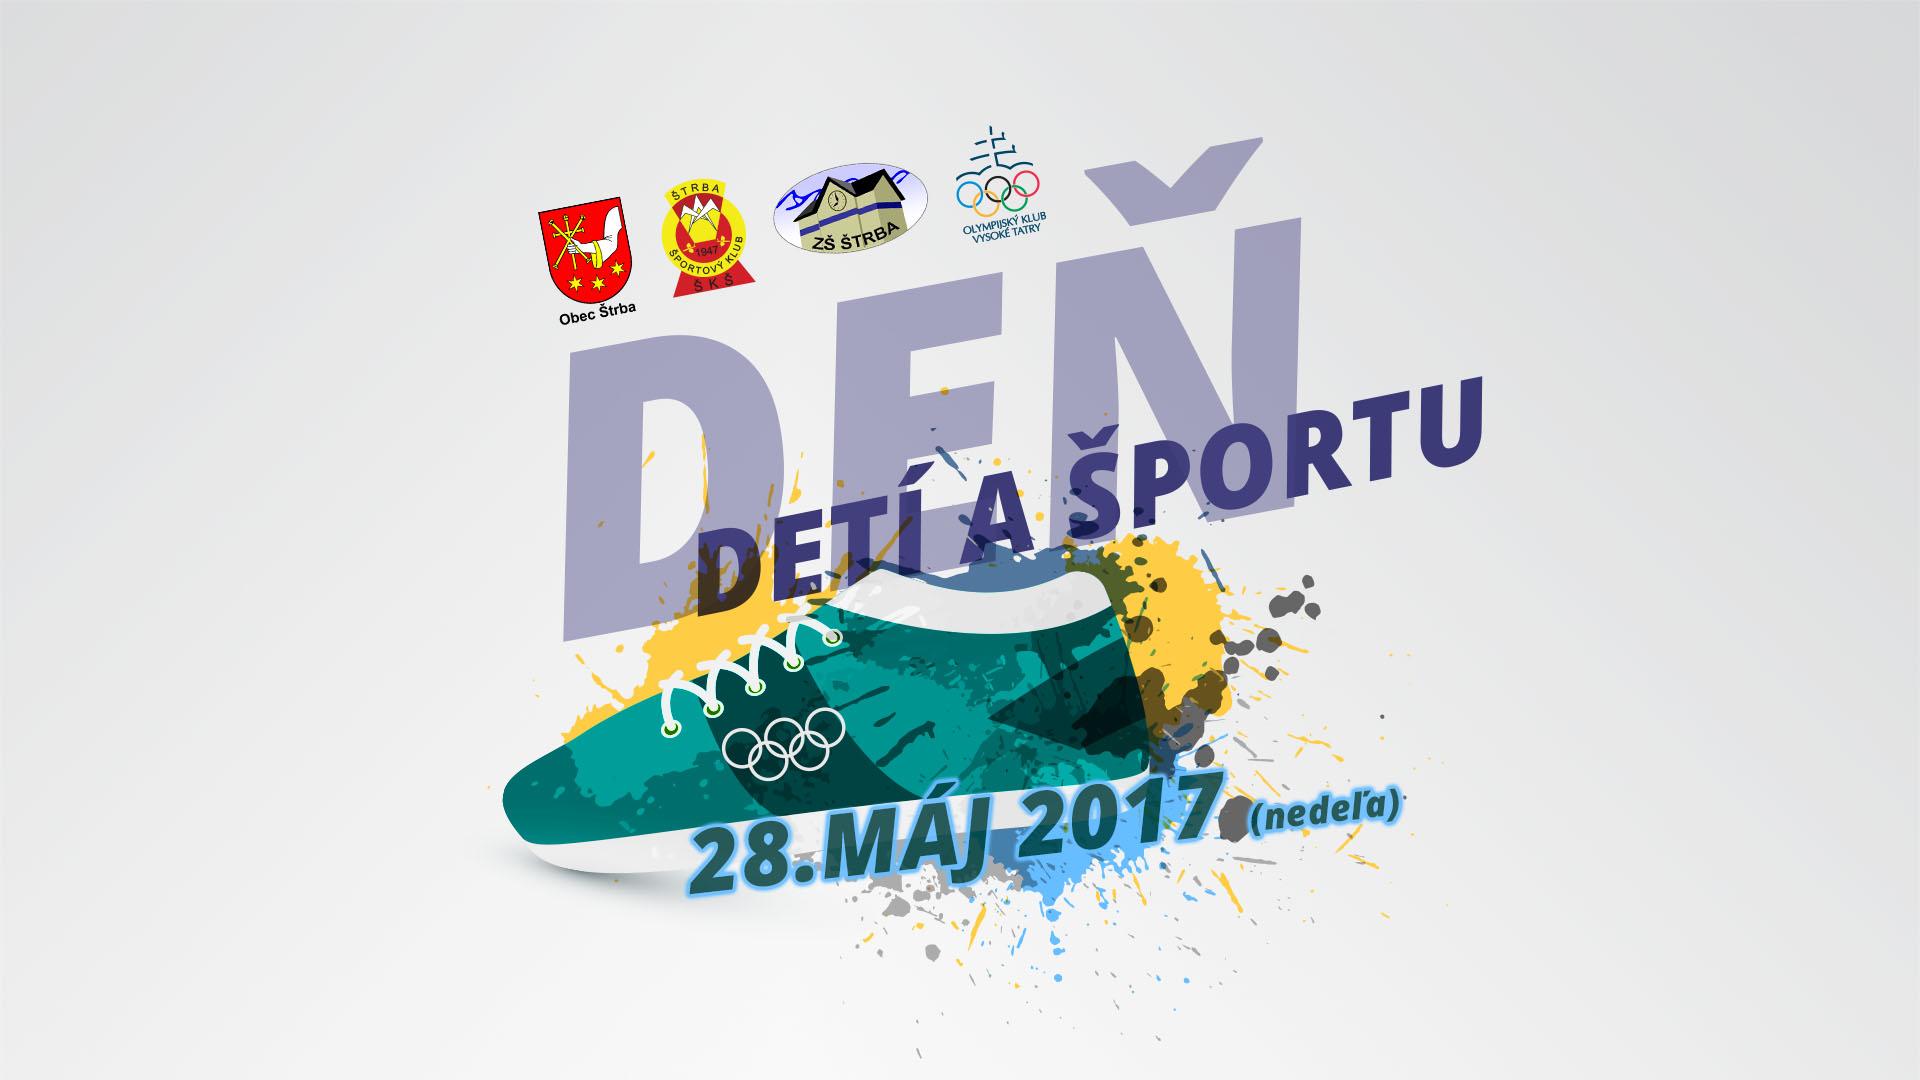 V Štrbe opäť oslávia Deň detí a športu bežeckou štafetou a súťažami pre detí a rodiny